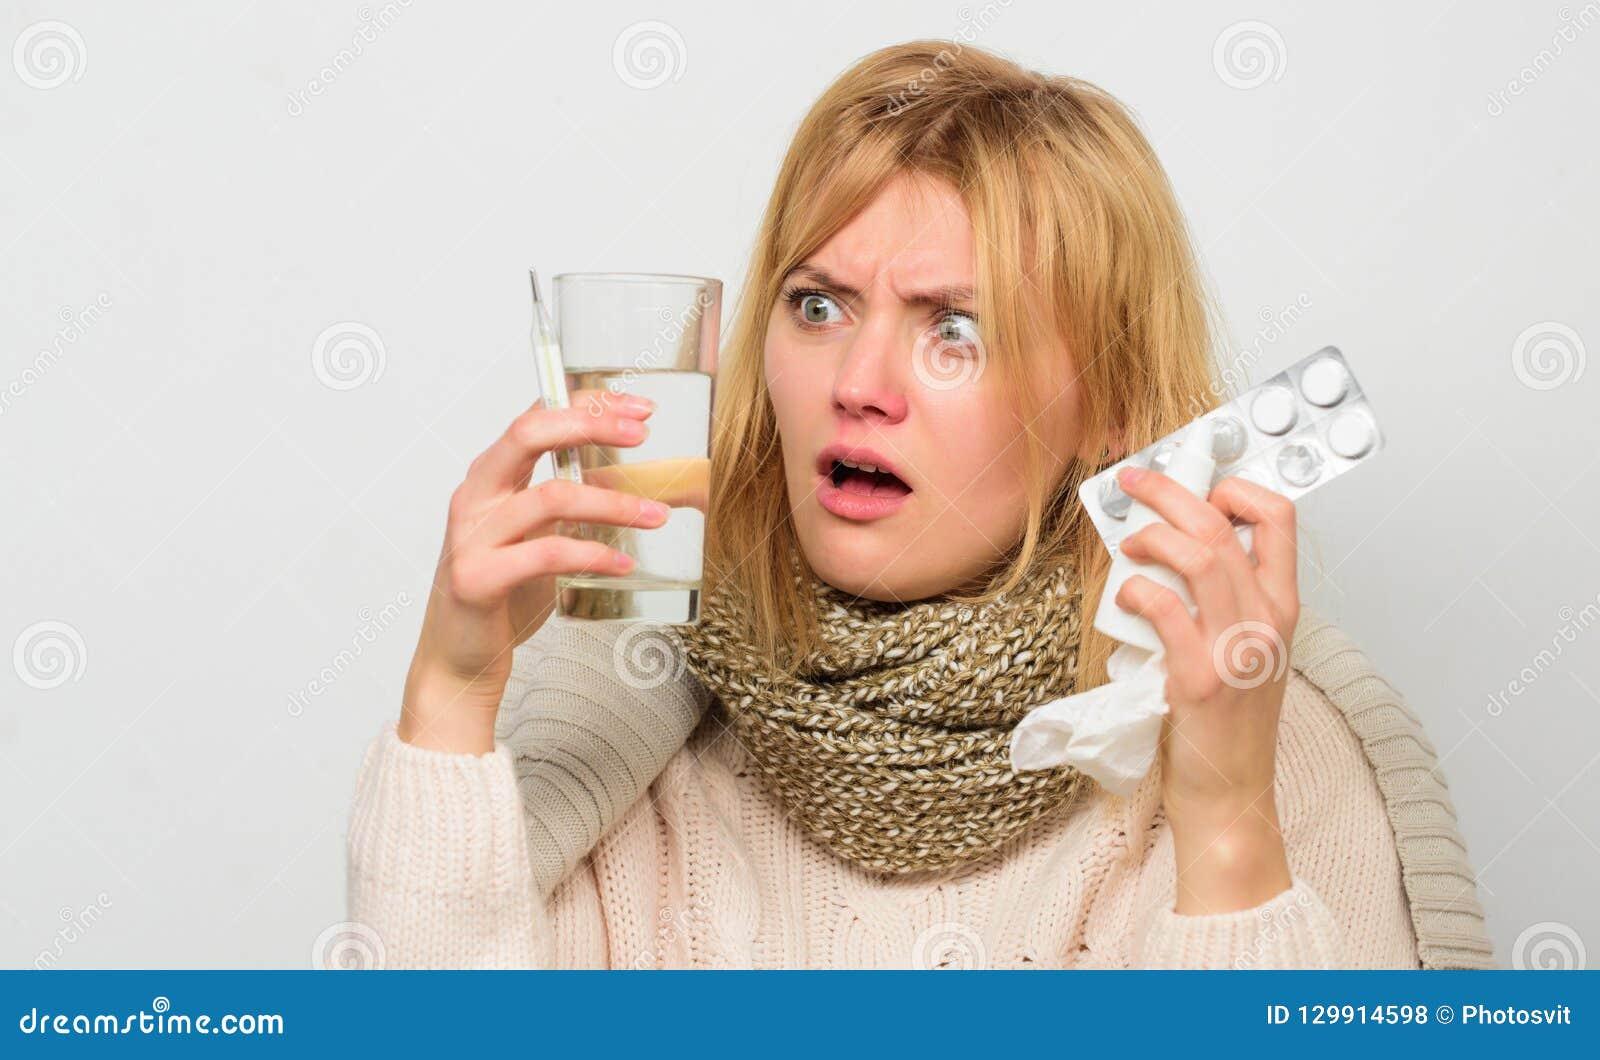 Пути чувствовать лучшие быстрые выходы дома гриппа Получите освобожданный гриппа Шарф носки женщины теплый потому что болезнь или